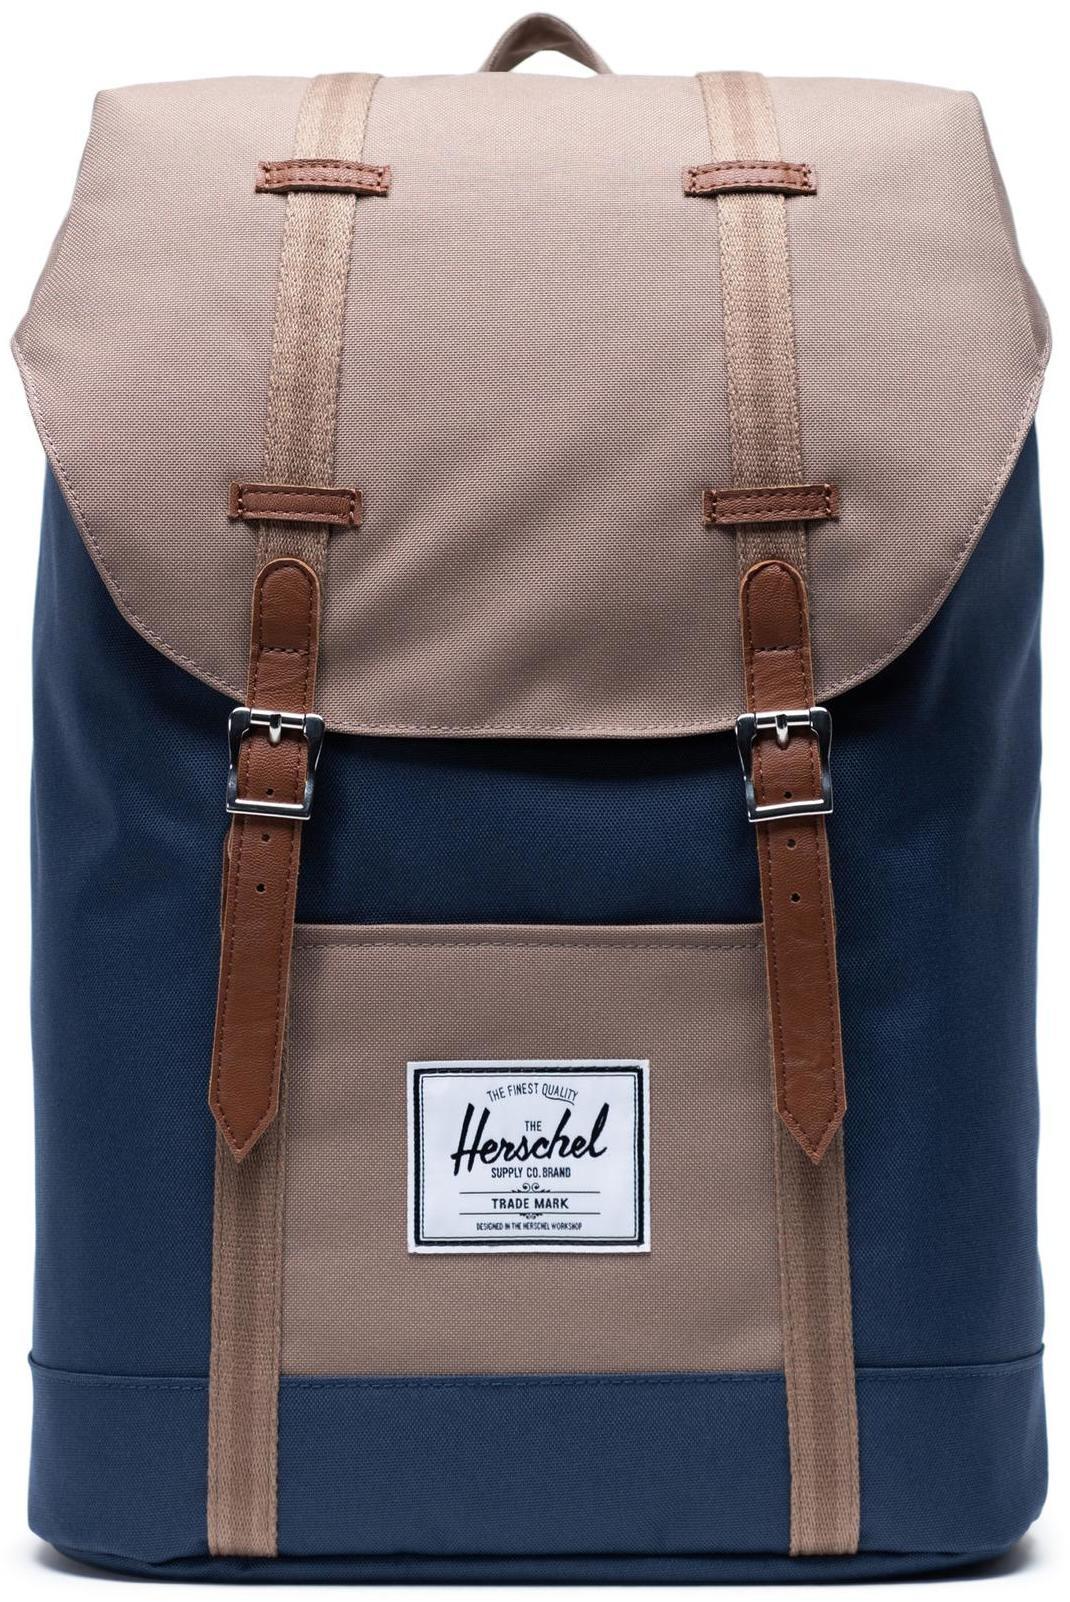 Herschel Retreat Backpack 19,5l, navy/pine bark/tan (2019)   Rygsæk og rejsetasker